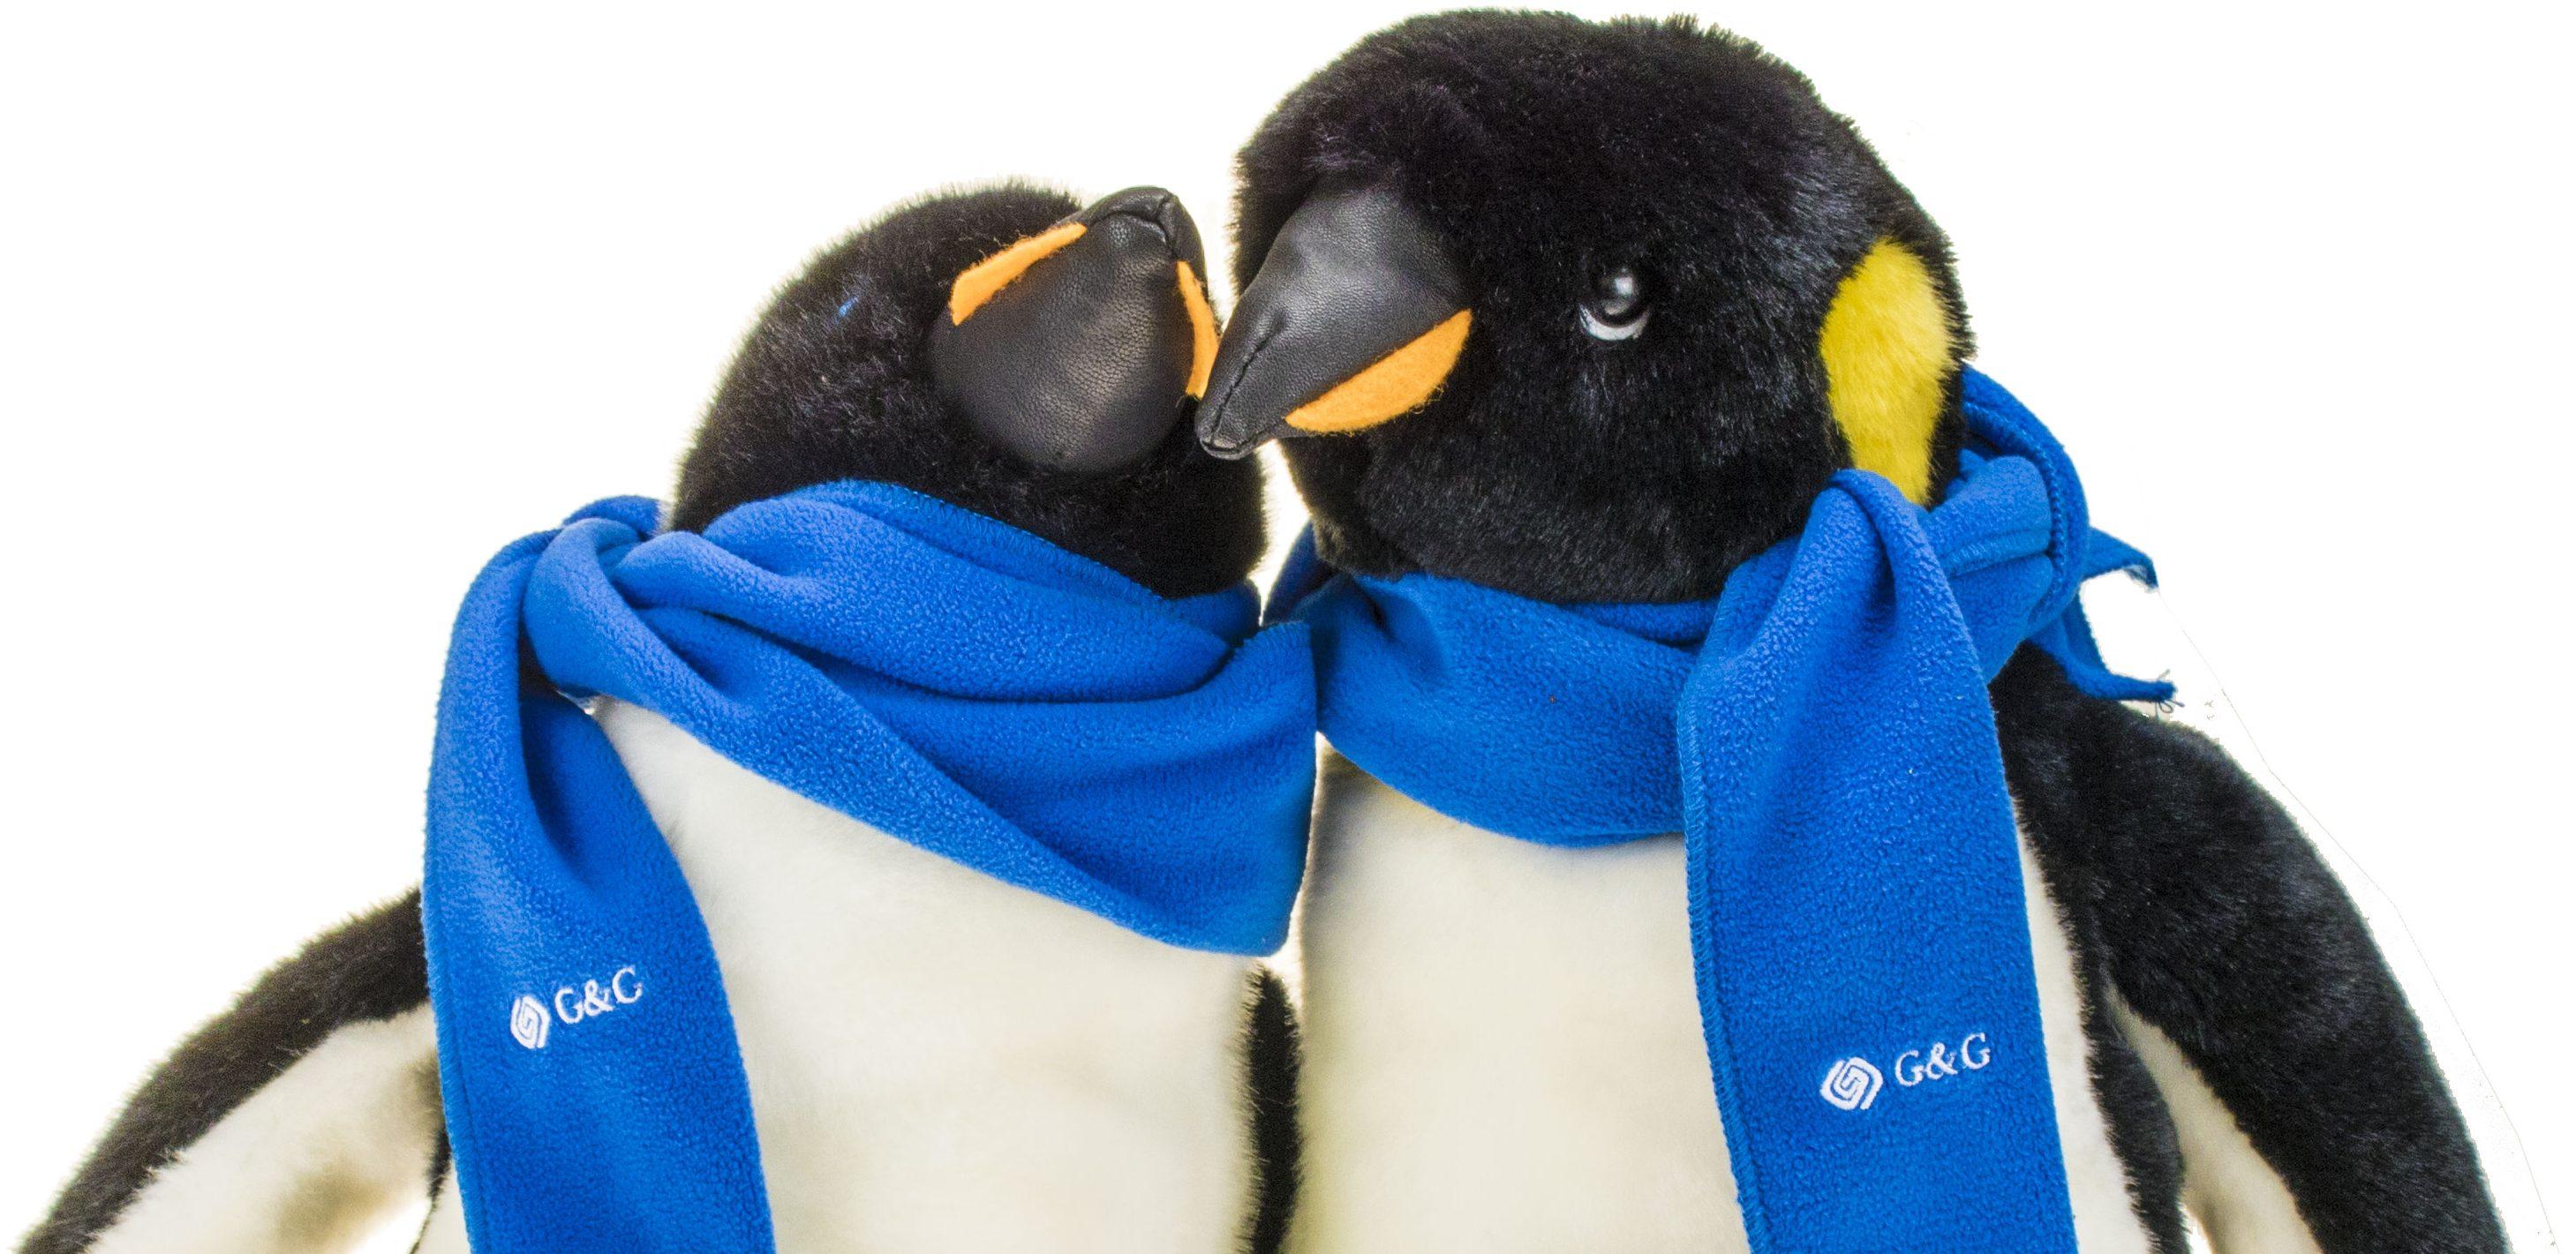 Einer der Pinguine wird wohl Gustav heißen. Doch wie heißt der zweite Pinguin?